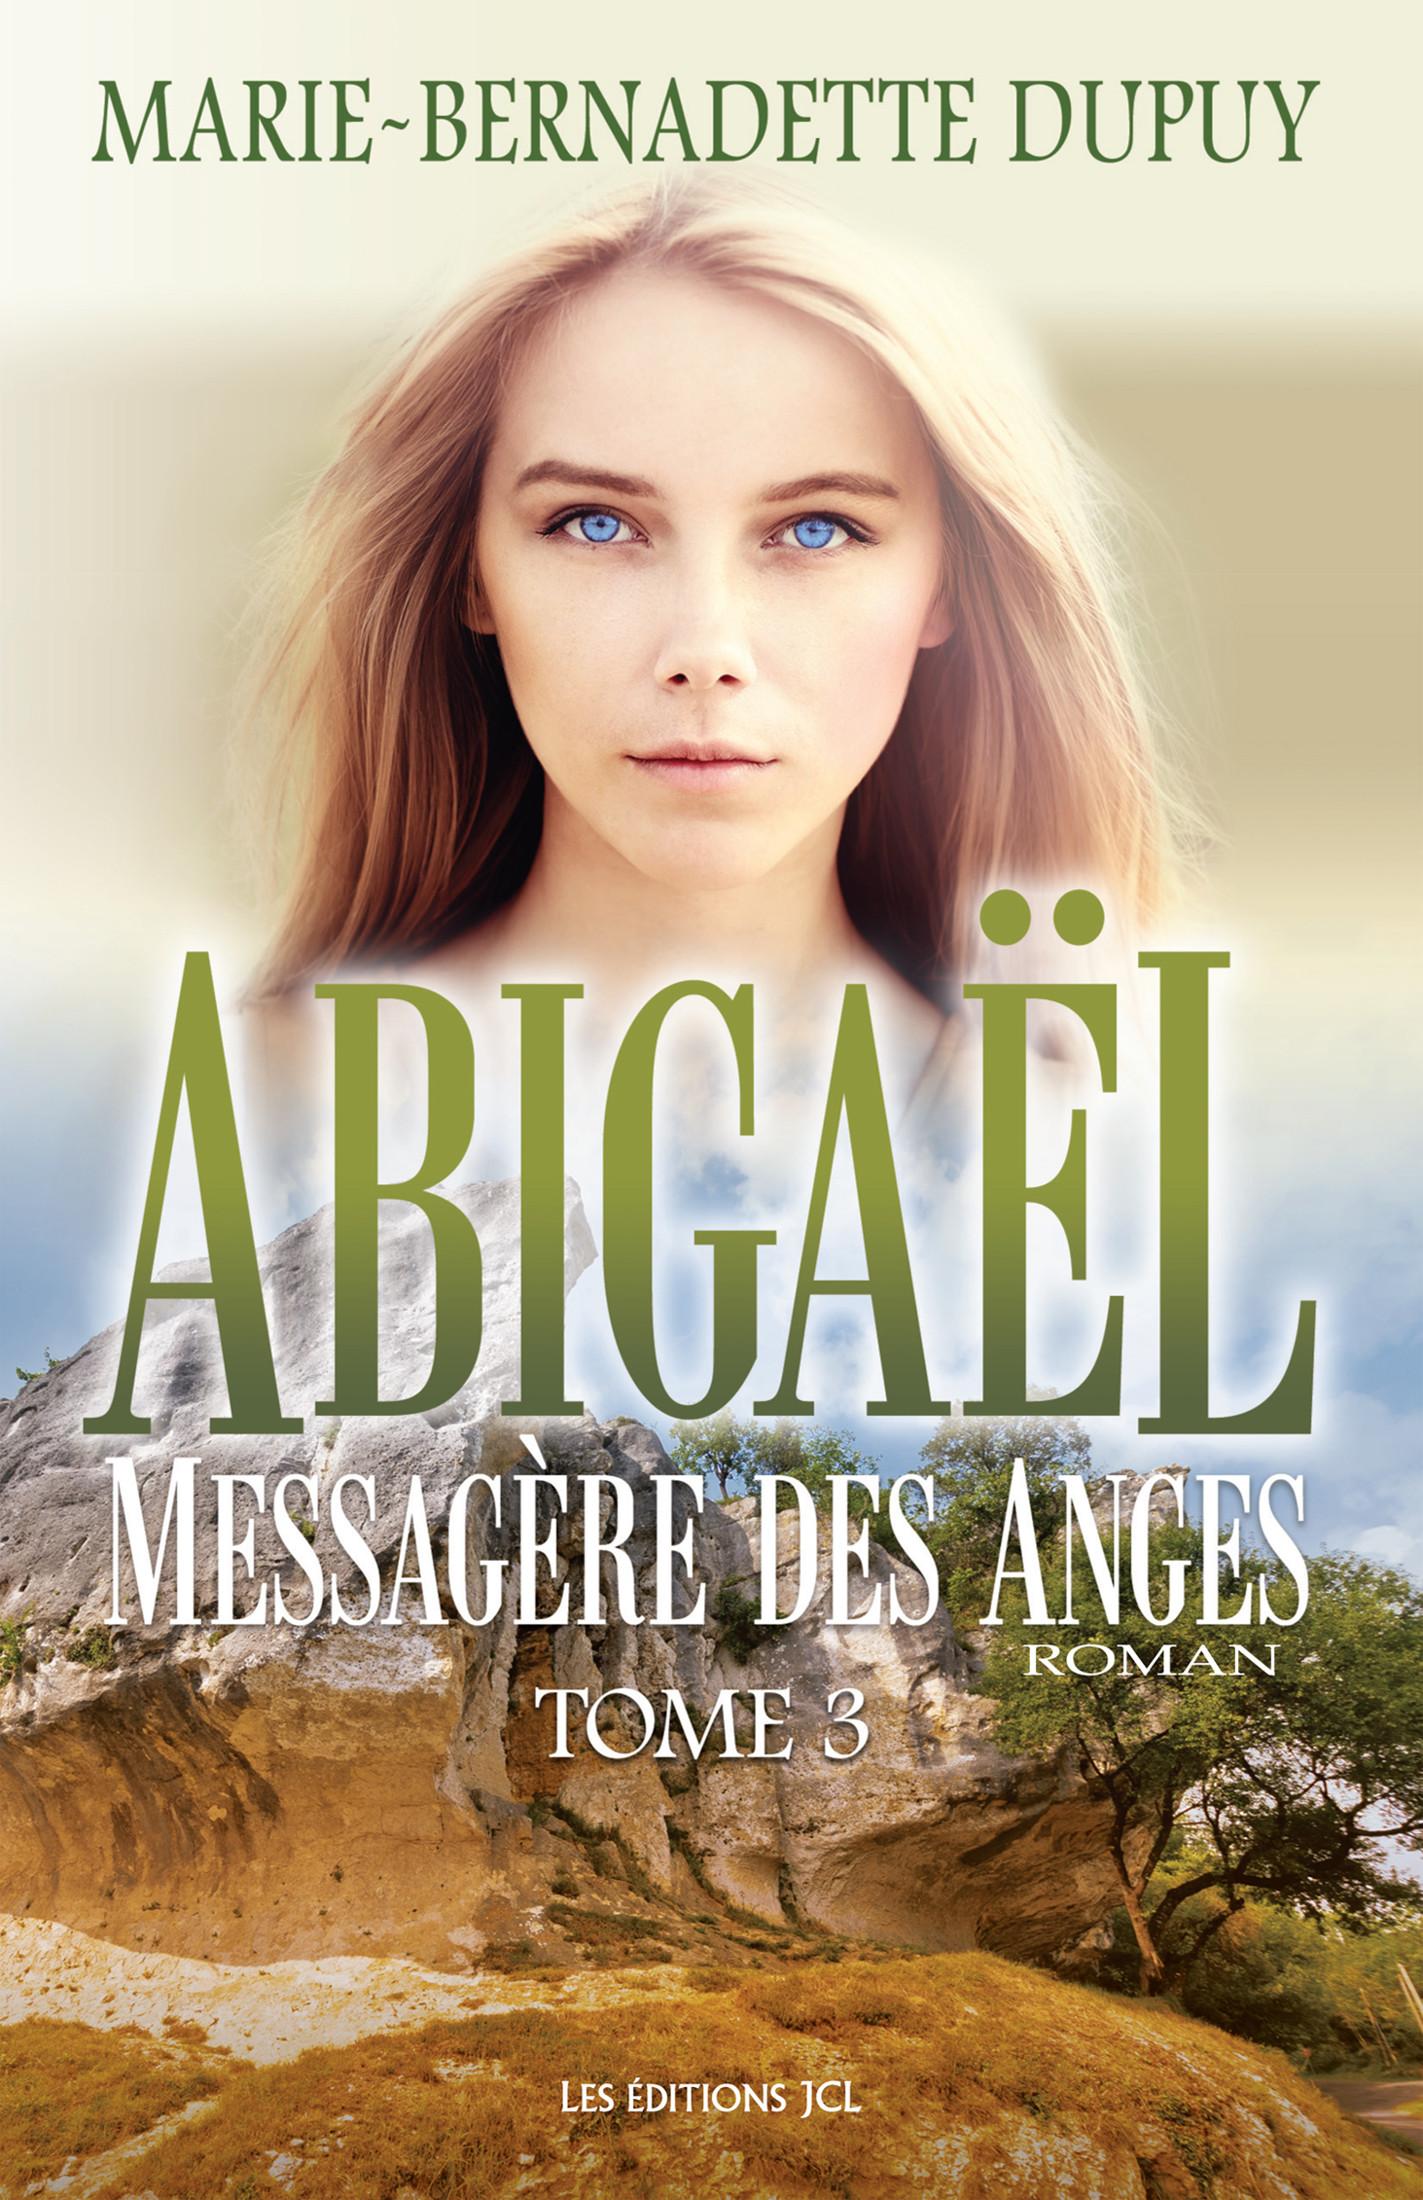 Abigaël, messagère des ange...